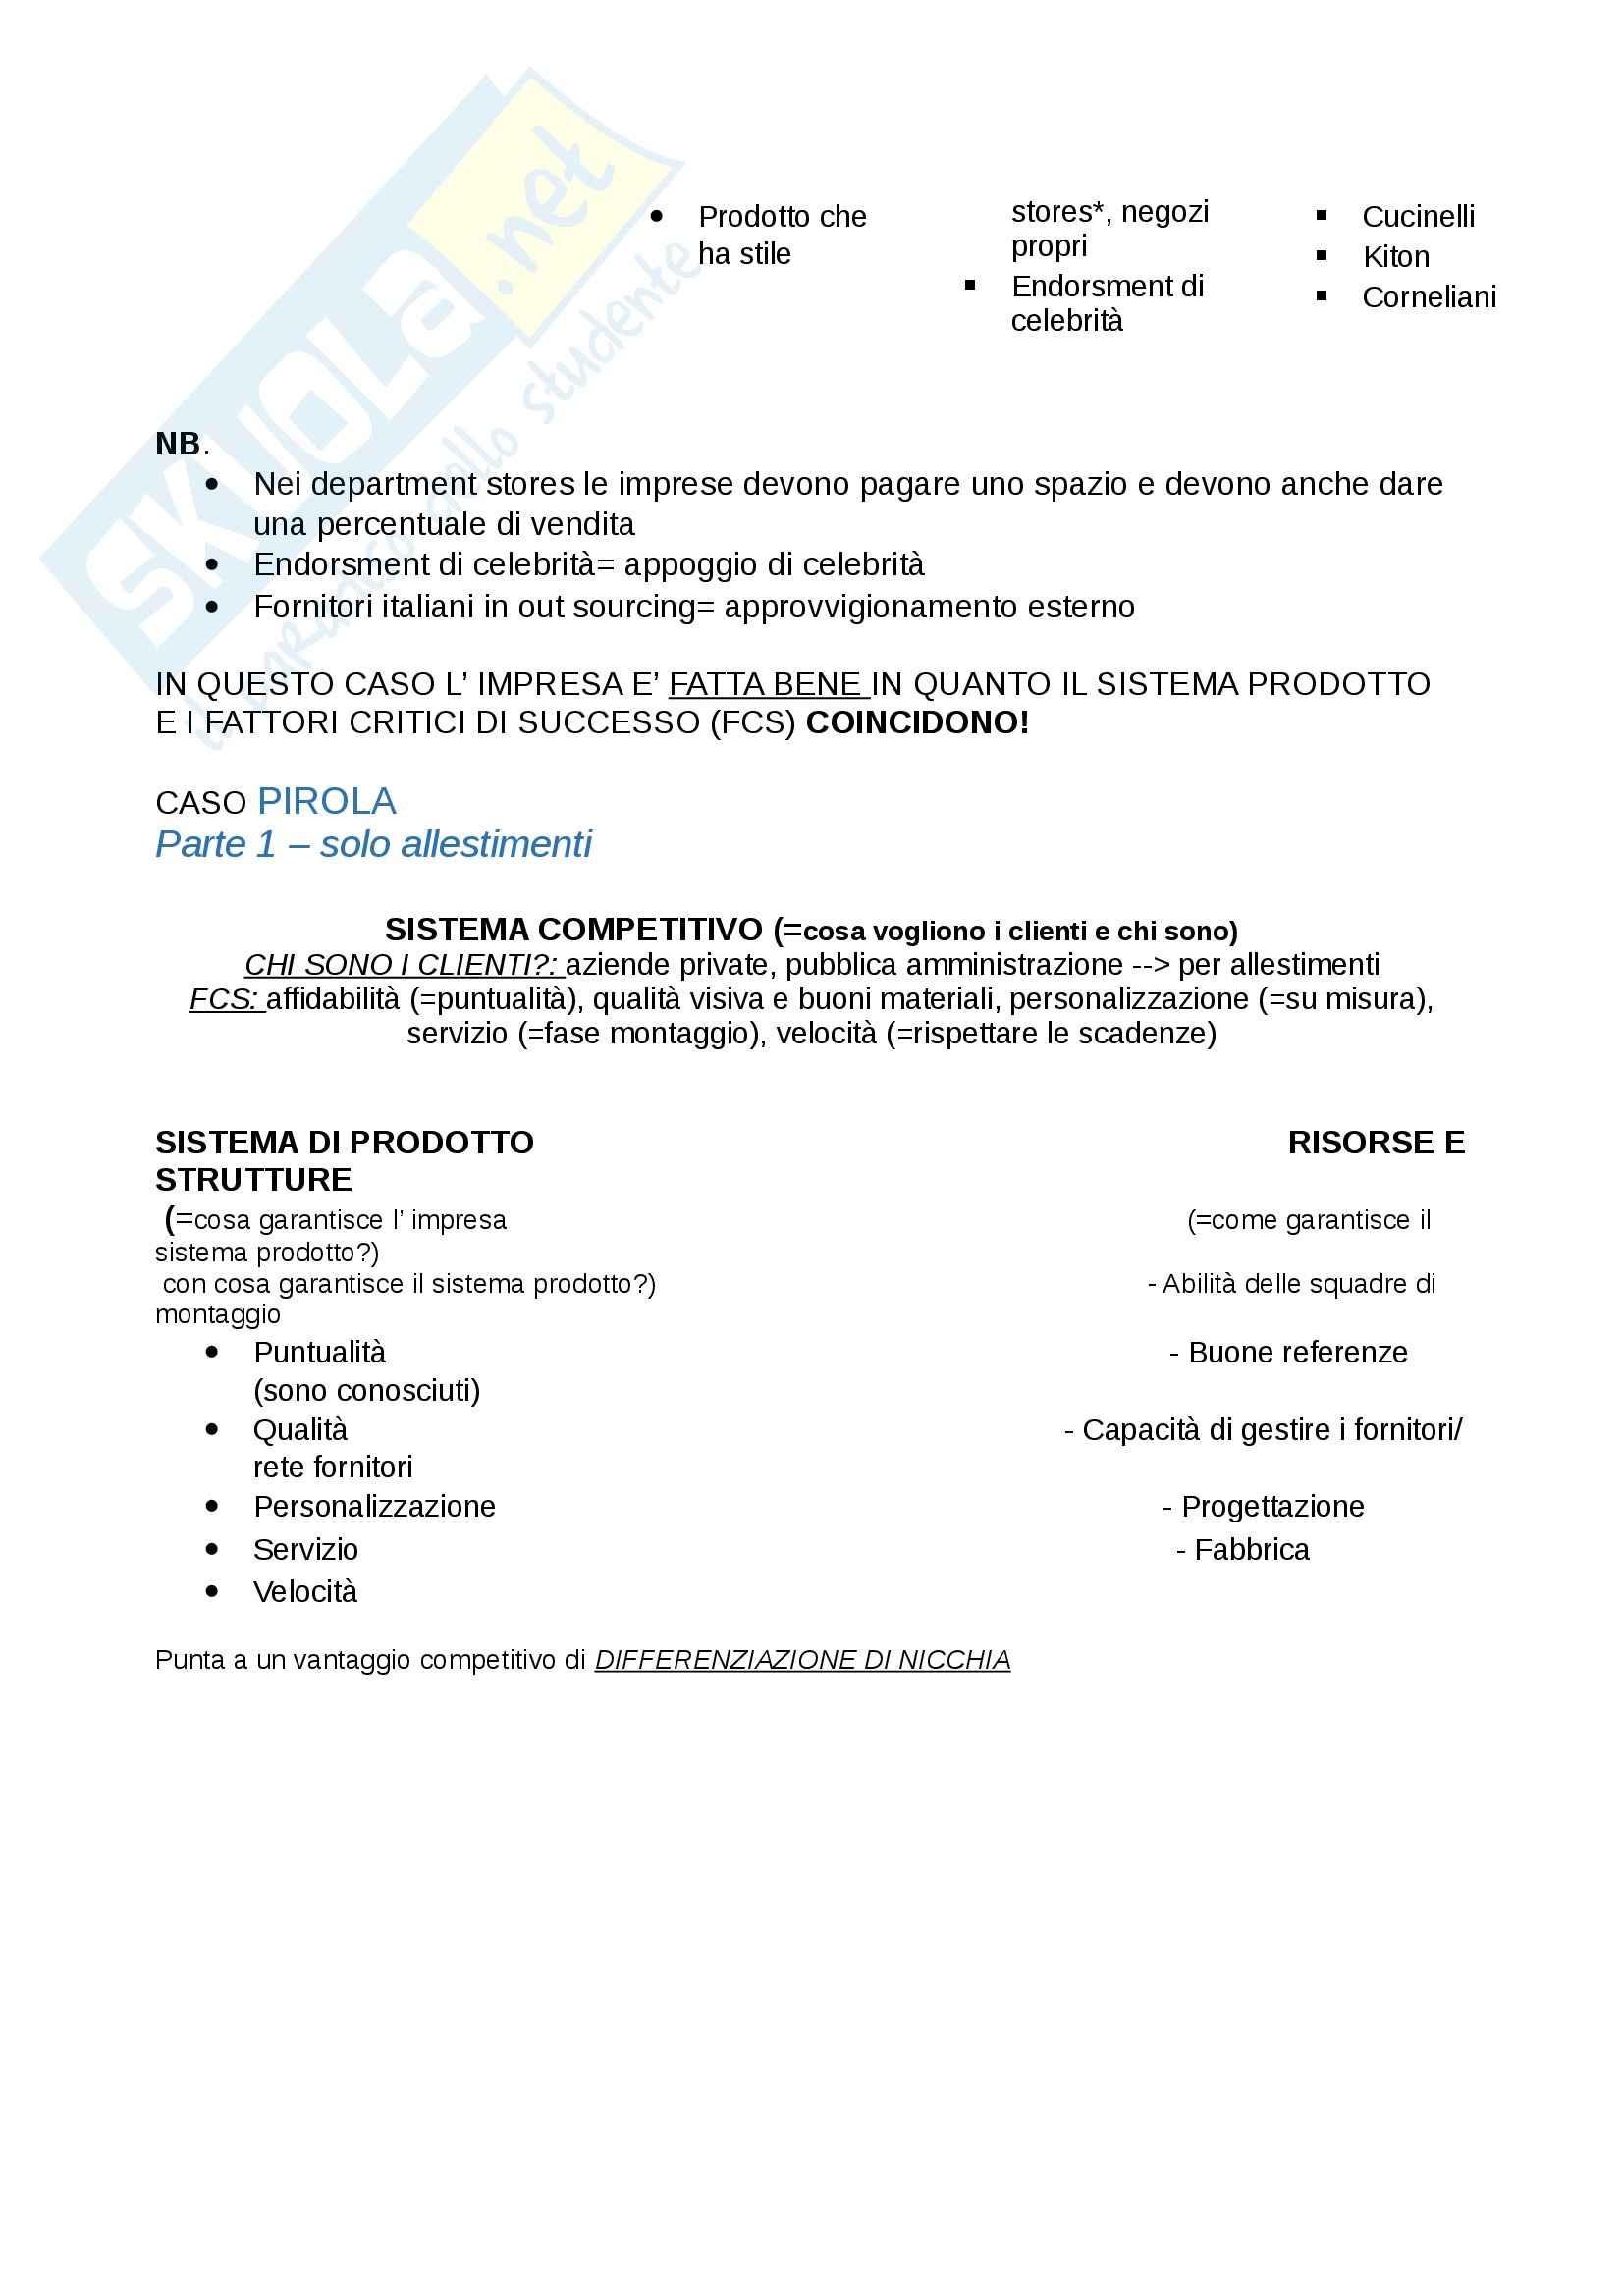 Sistema prodotto e formula competitiva, Economia aziendale Pag. 6